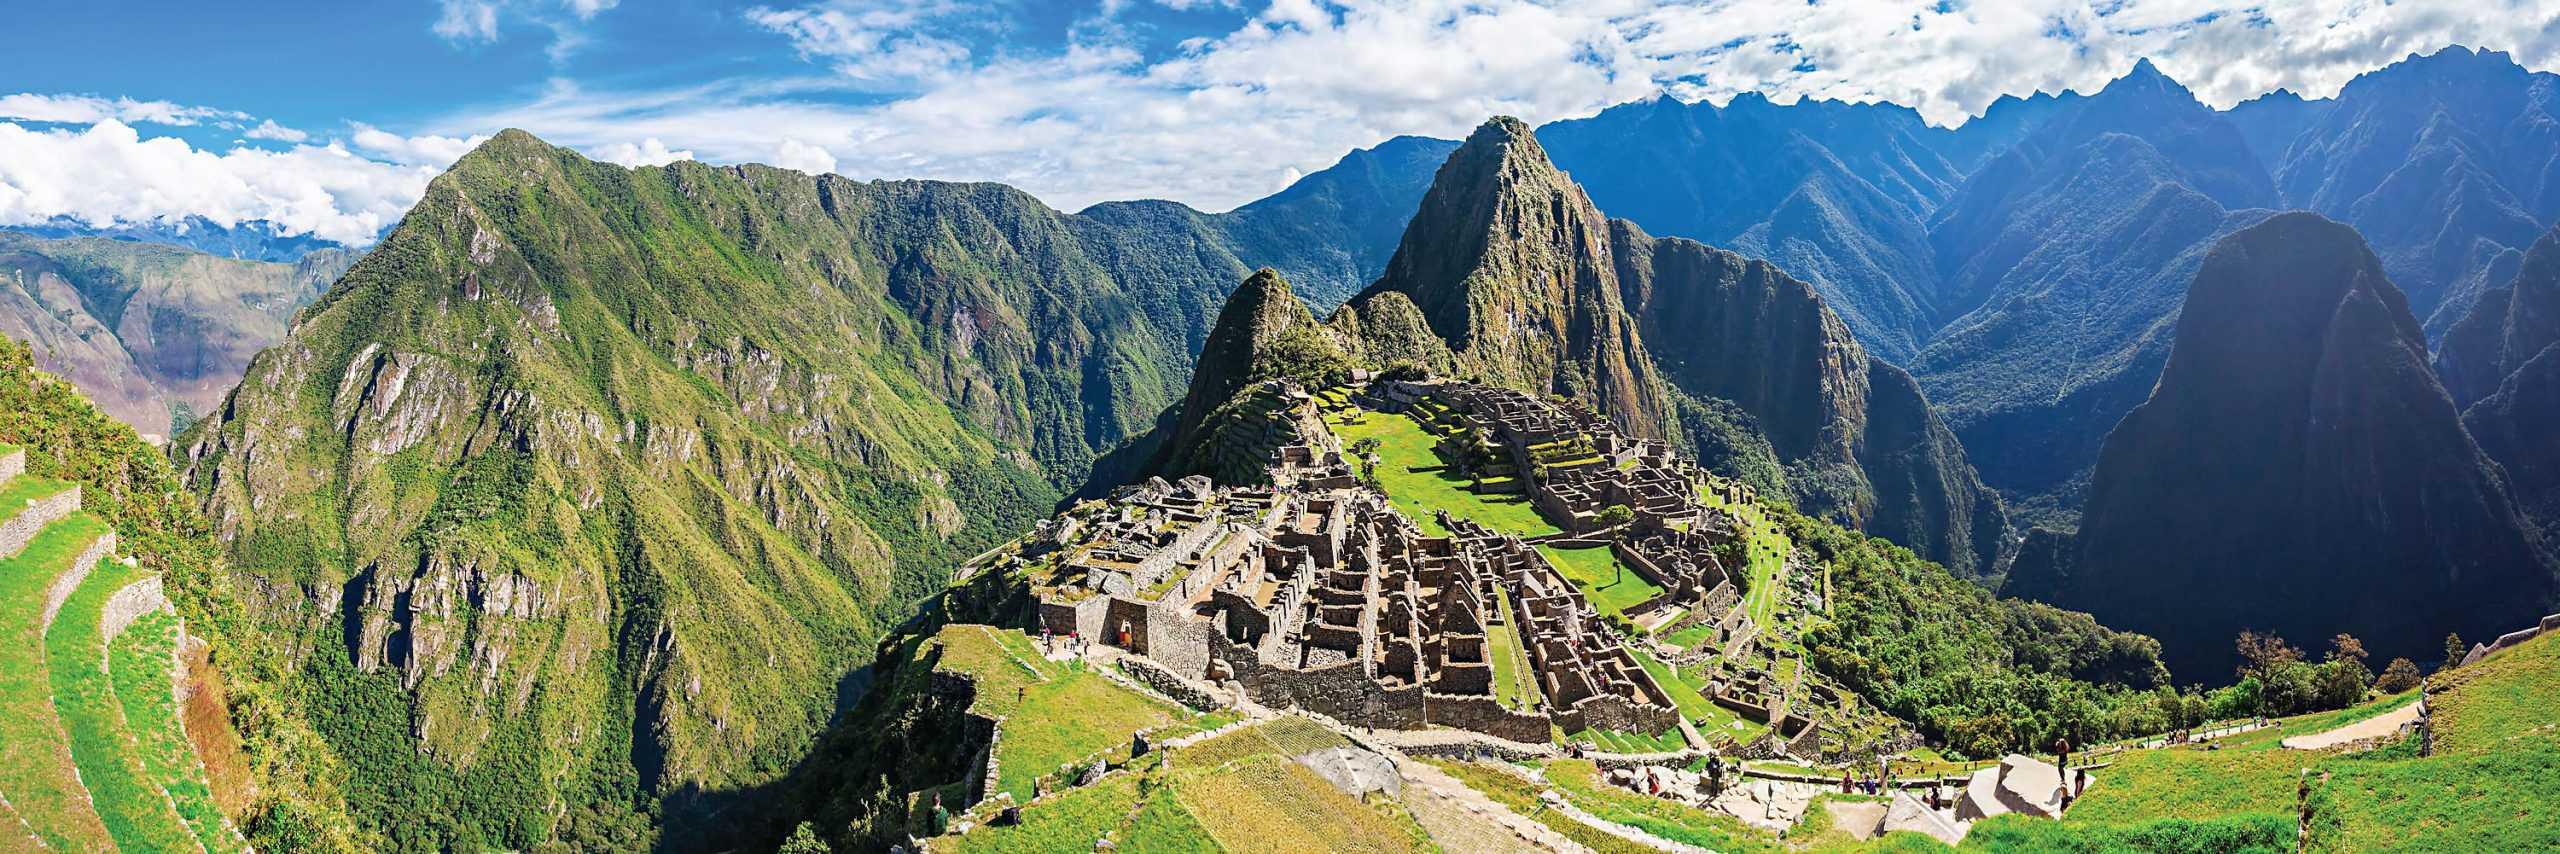 Rompecabezas Panorámico 950 Piezas Machu Picchu | Ingenio Destreza Mental - Rompecabezas y juegos - Diseño y Diversión